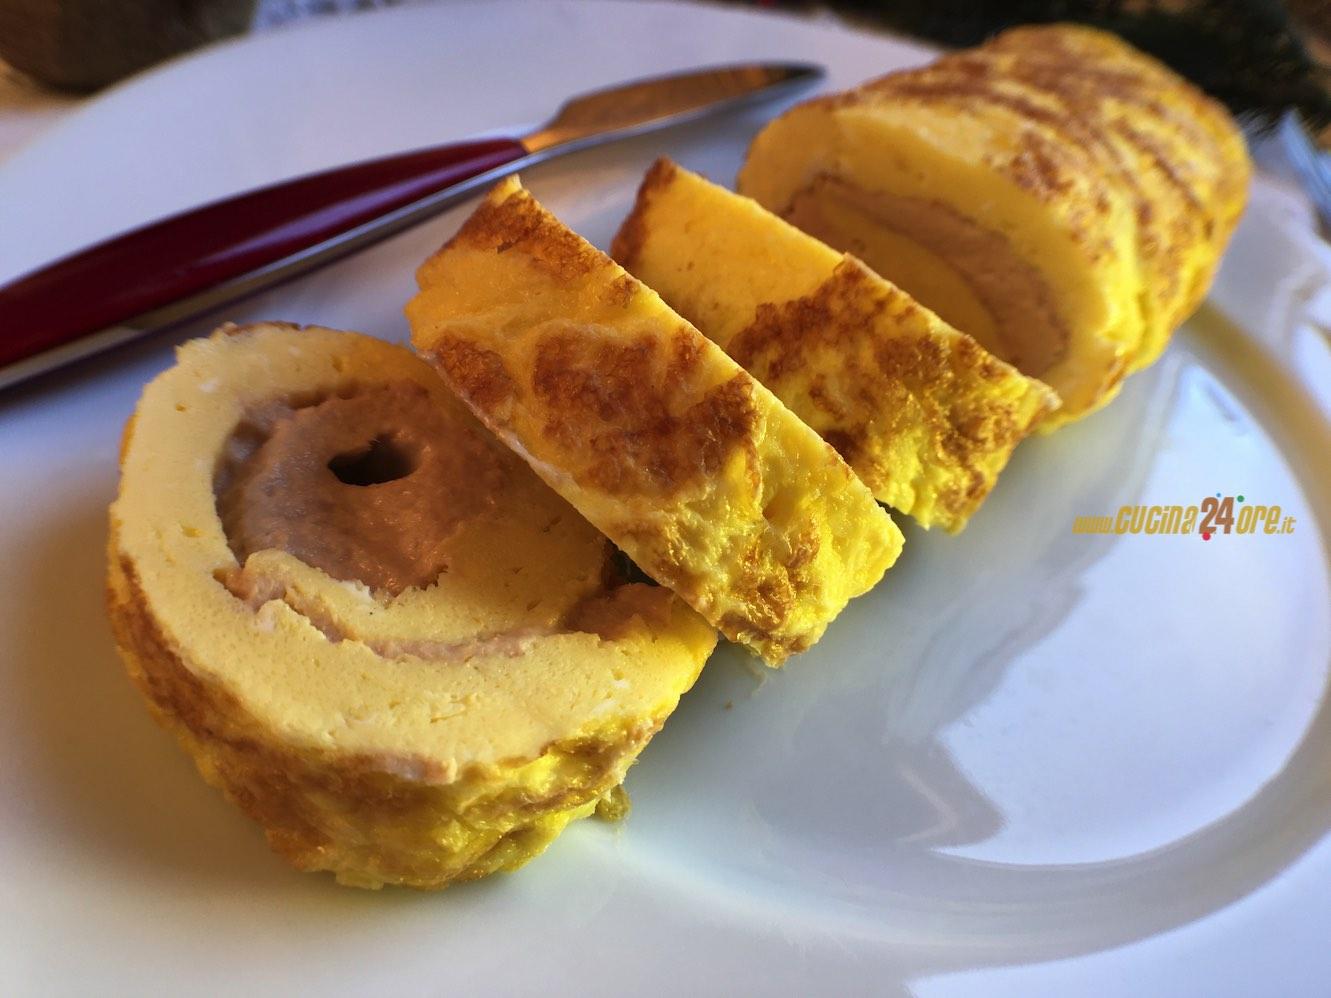 Tuna Roll – Rotolo di FRITTATA al TONNO Ricetta Facile Senza Glutine – Easy Recipe Gluten Free